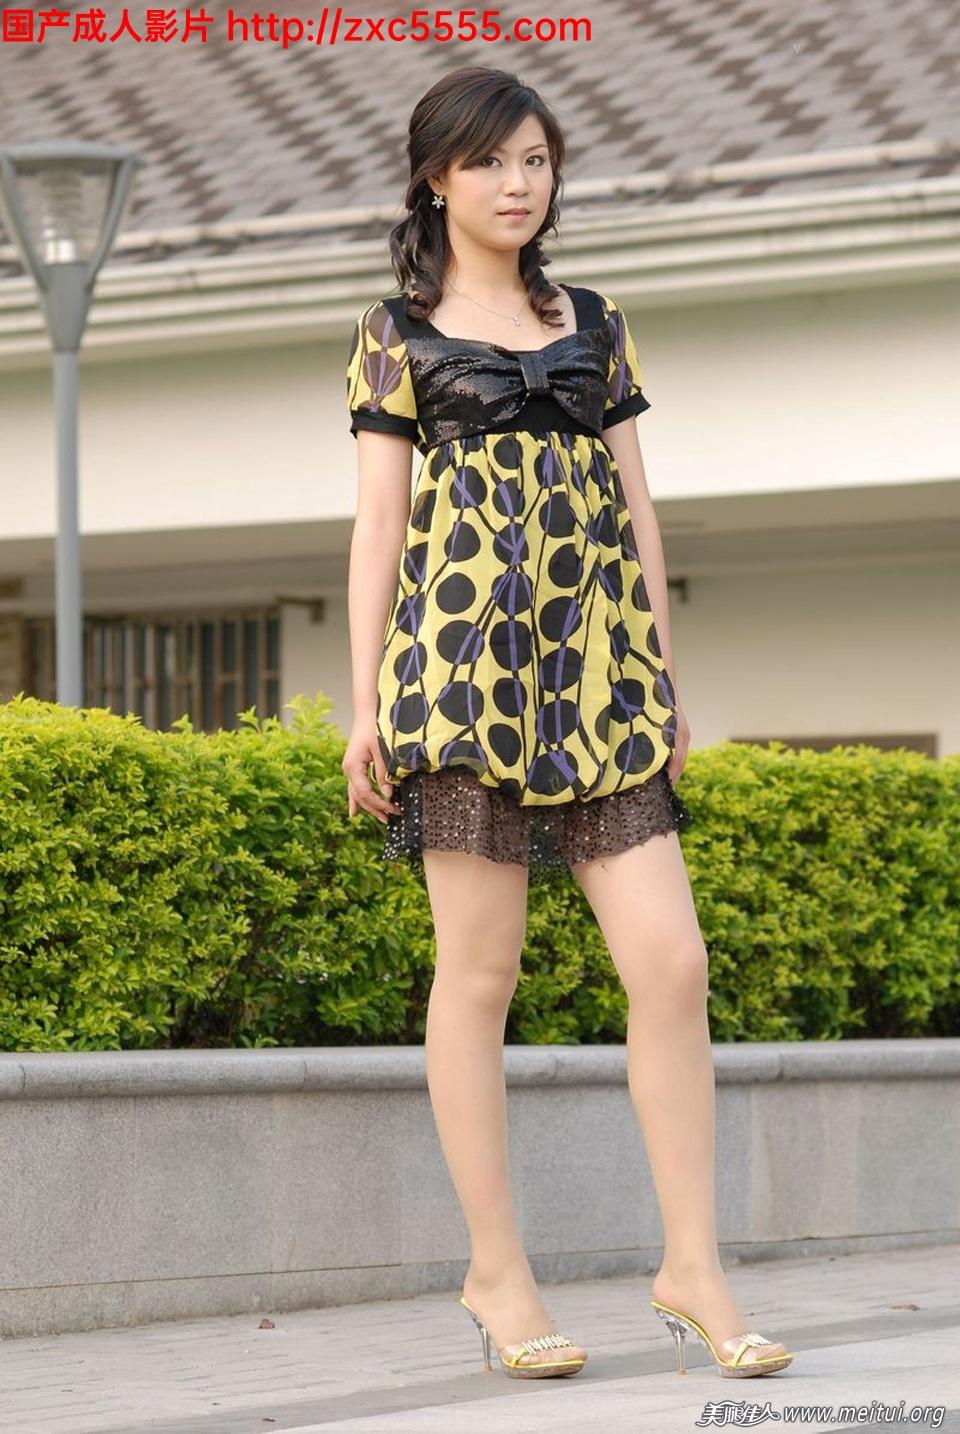 草裙小书_小区门口的高品质美腿妹子【14P】_丝袜诱惑-久久热大香蕉-大